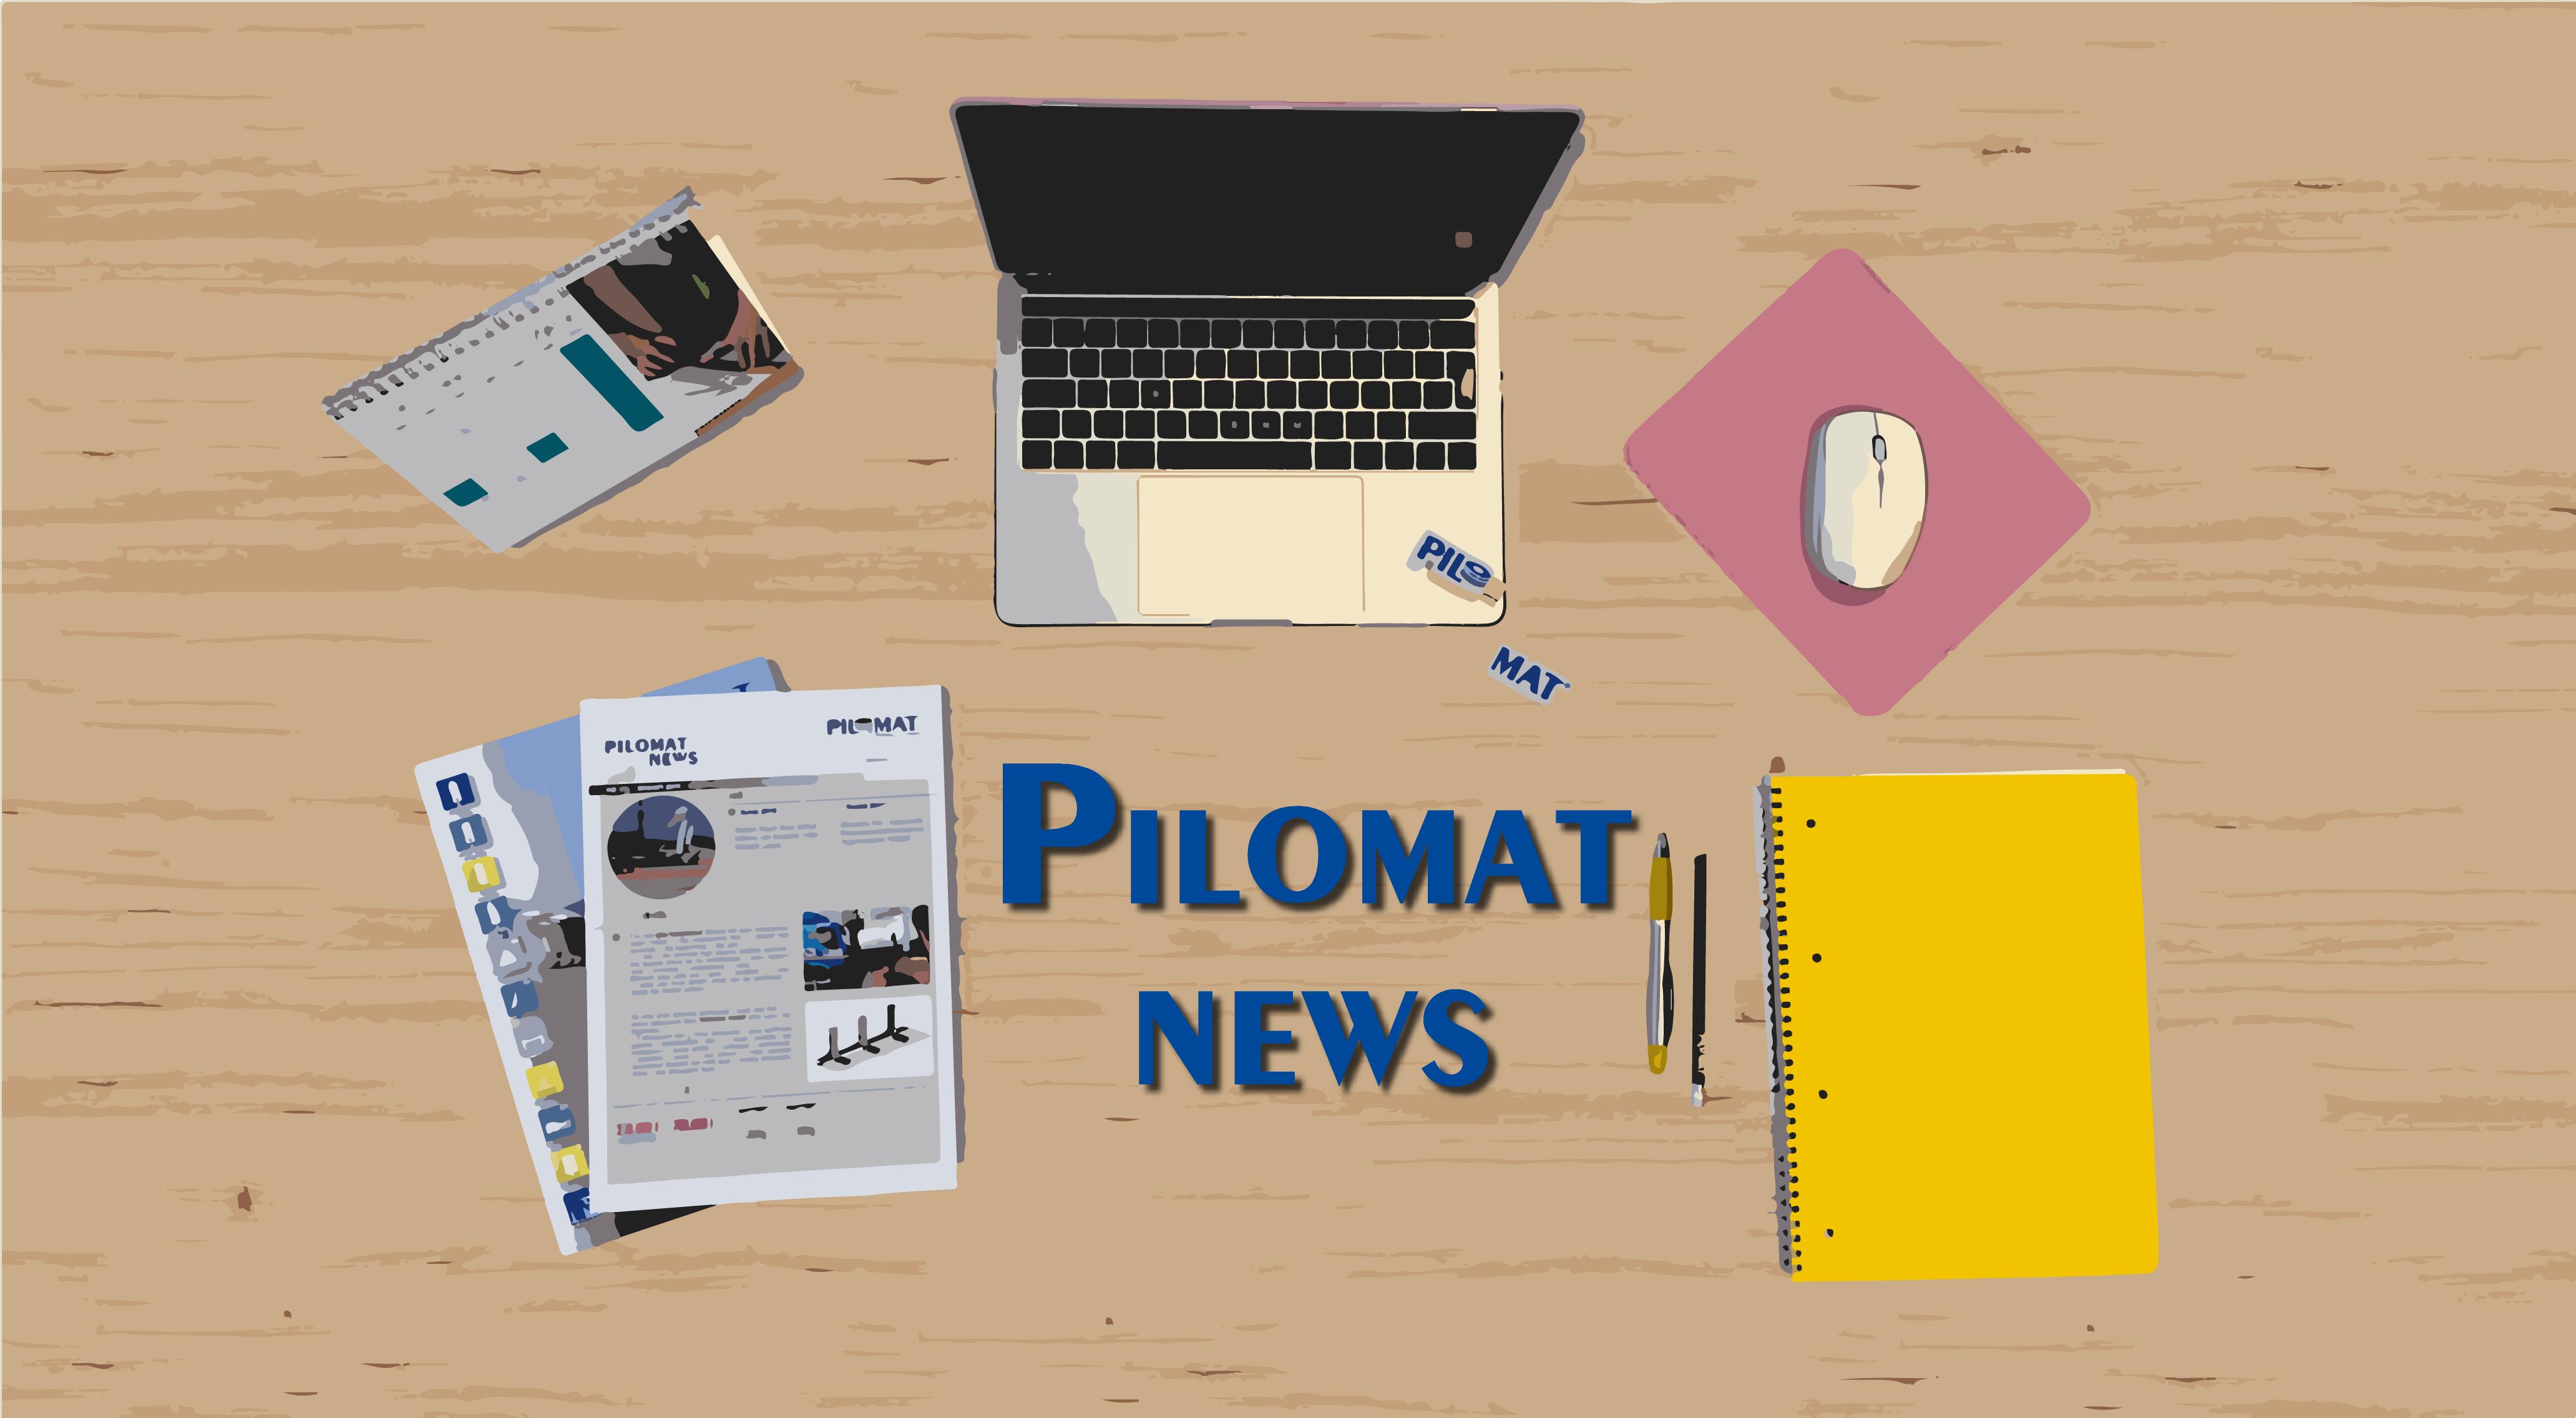 Pilomat news